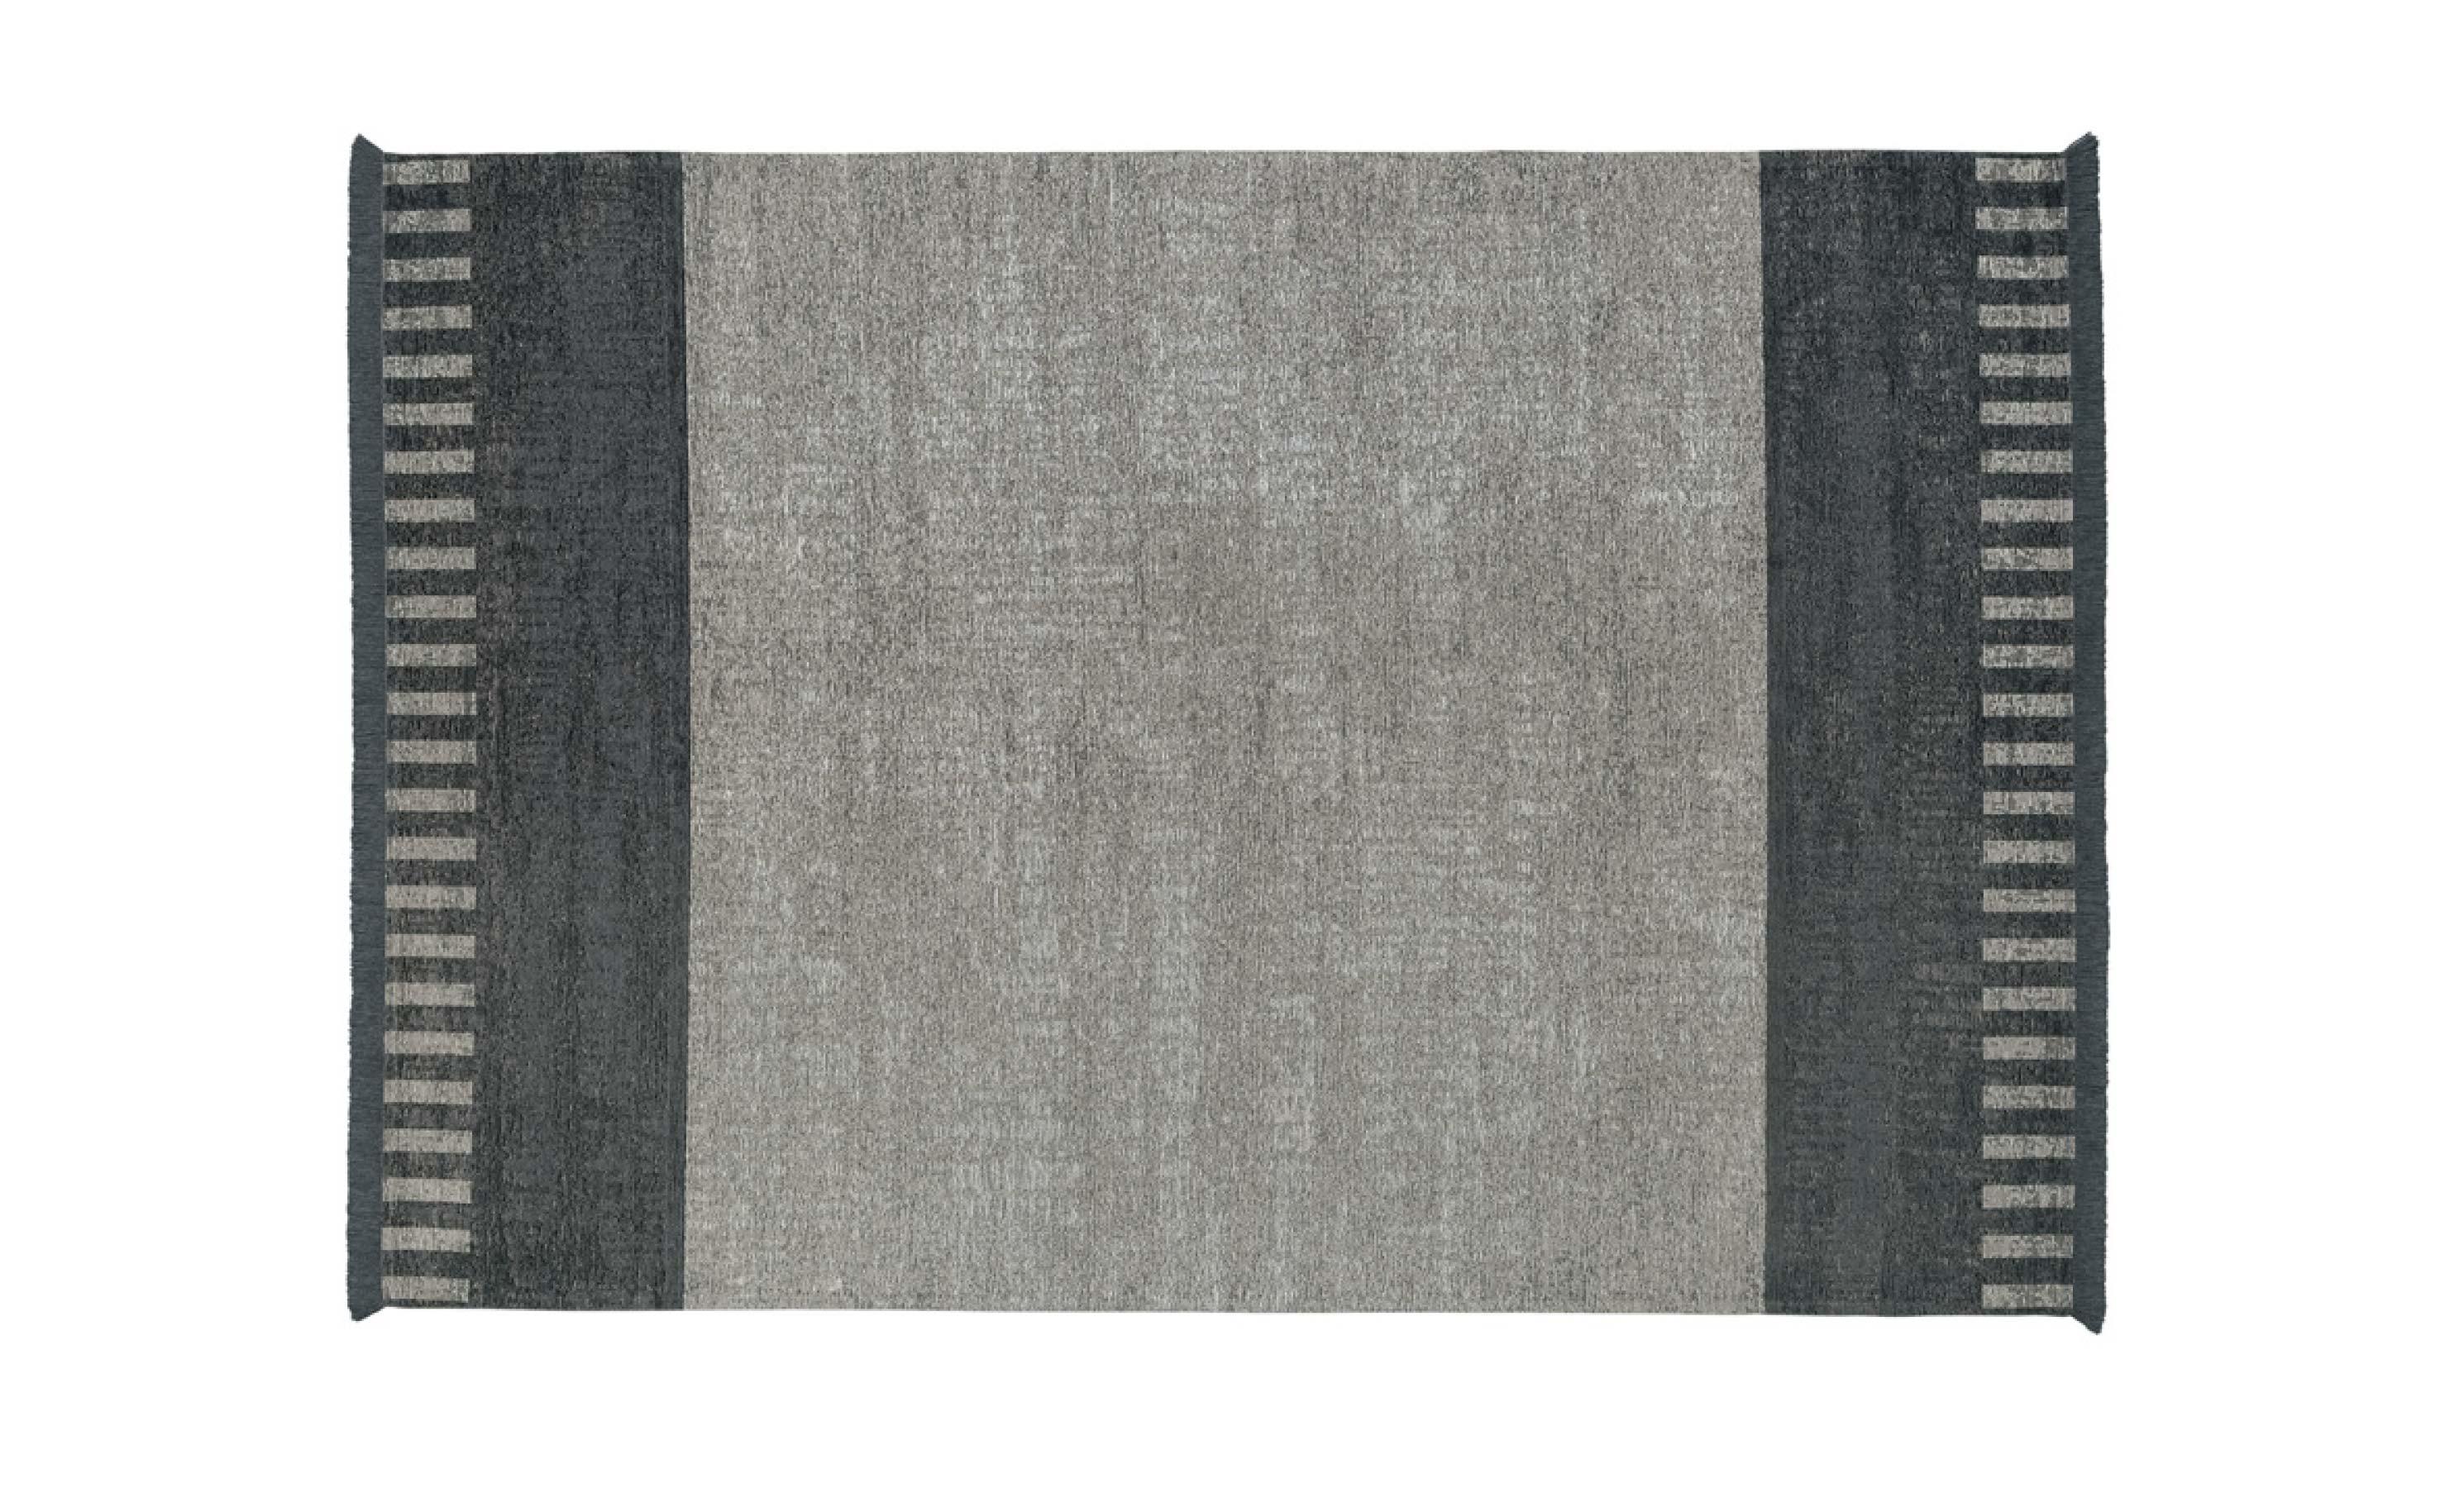 http://desidea.hu/wp-content/uploads/2019/11/tappeto-rug-black-white.jpg